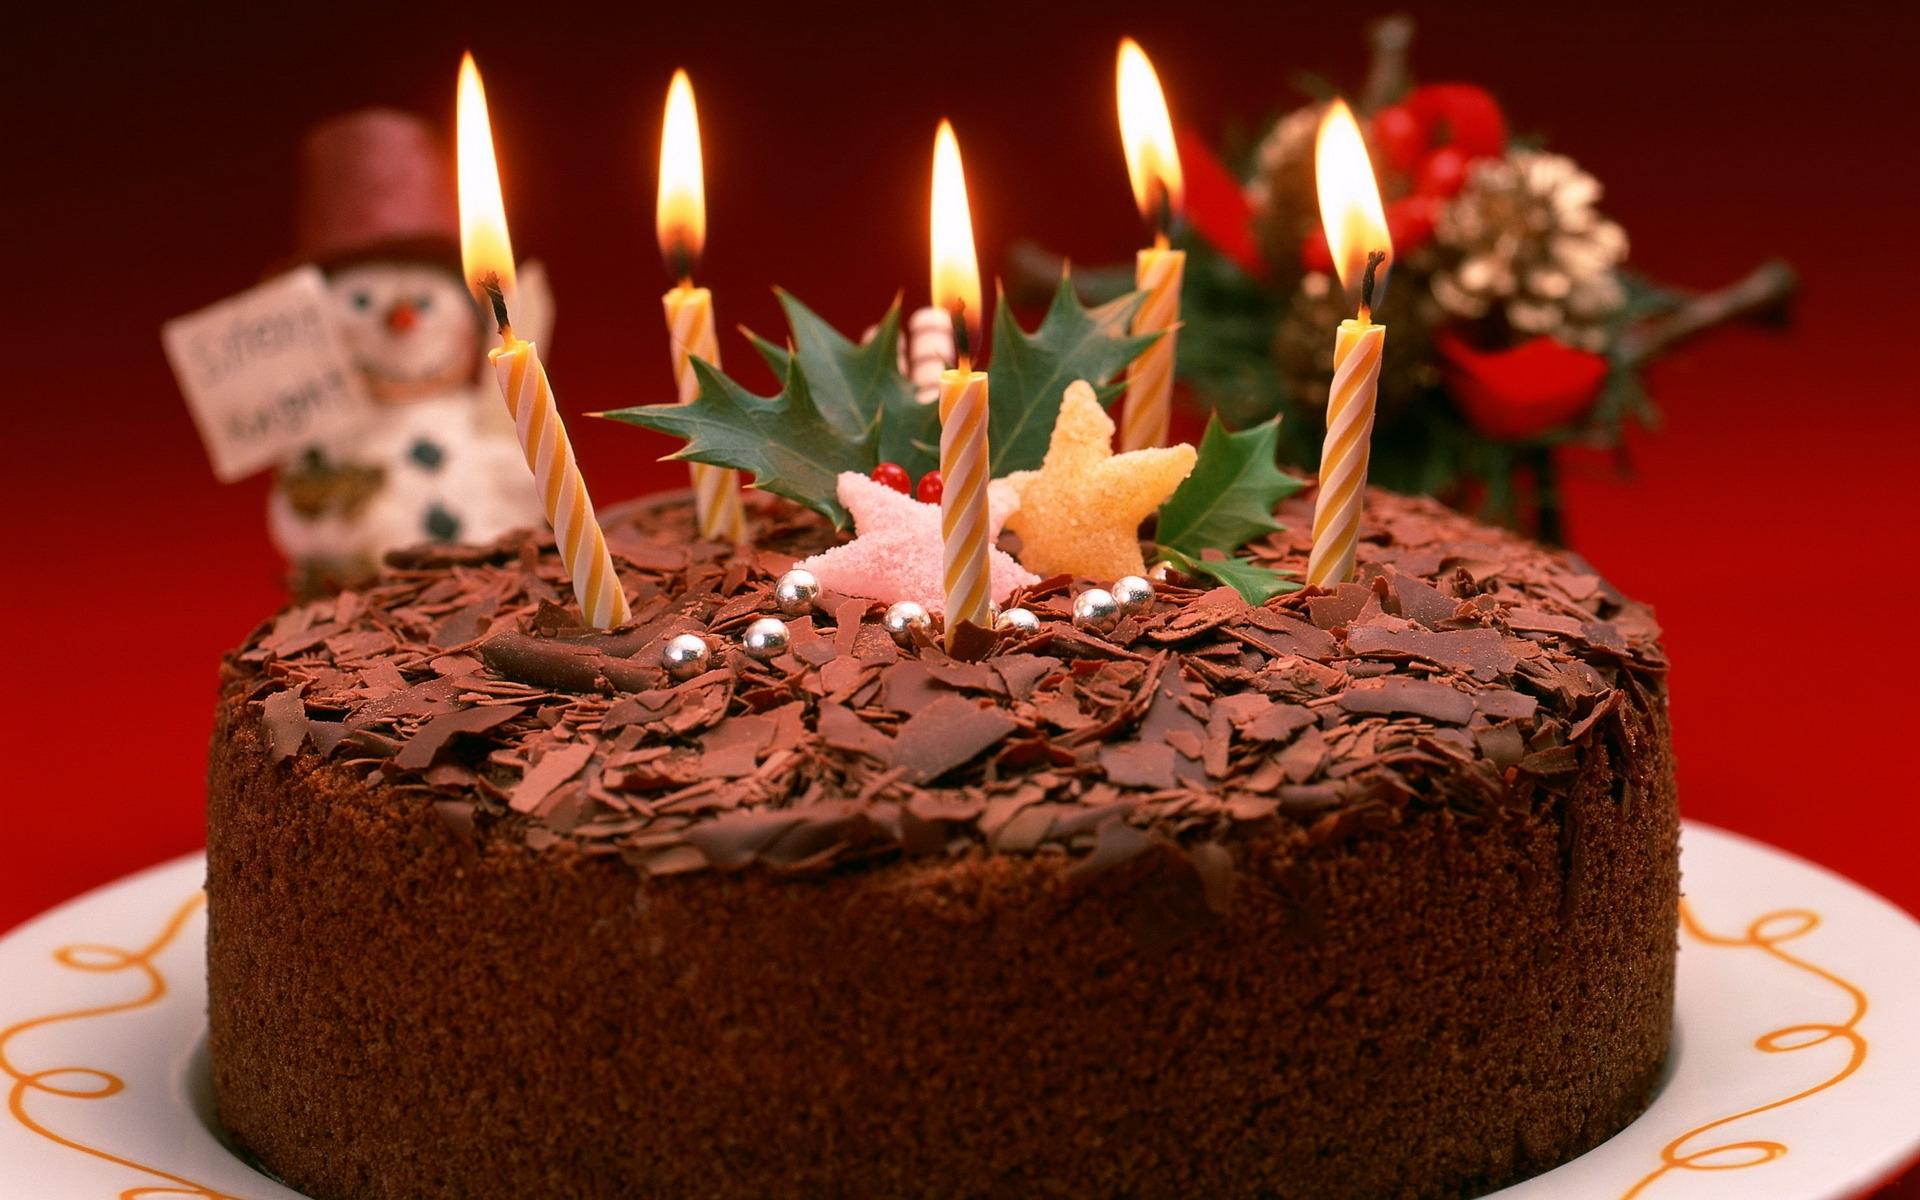 с днем рождения картинки с пожеланиями торт днем рожденья